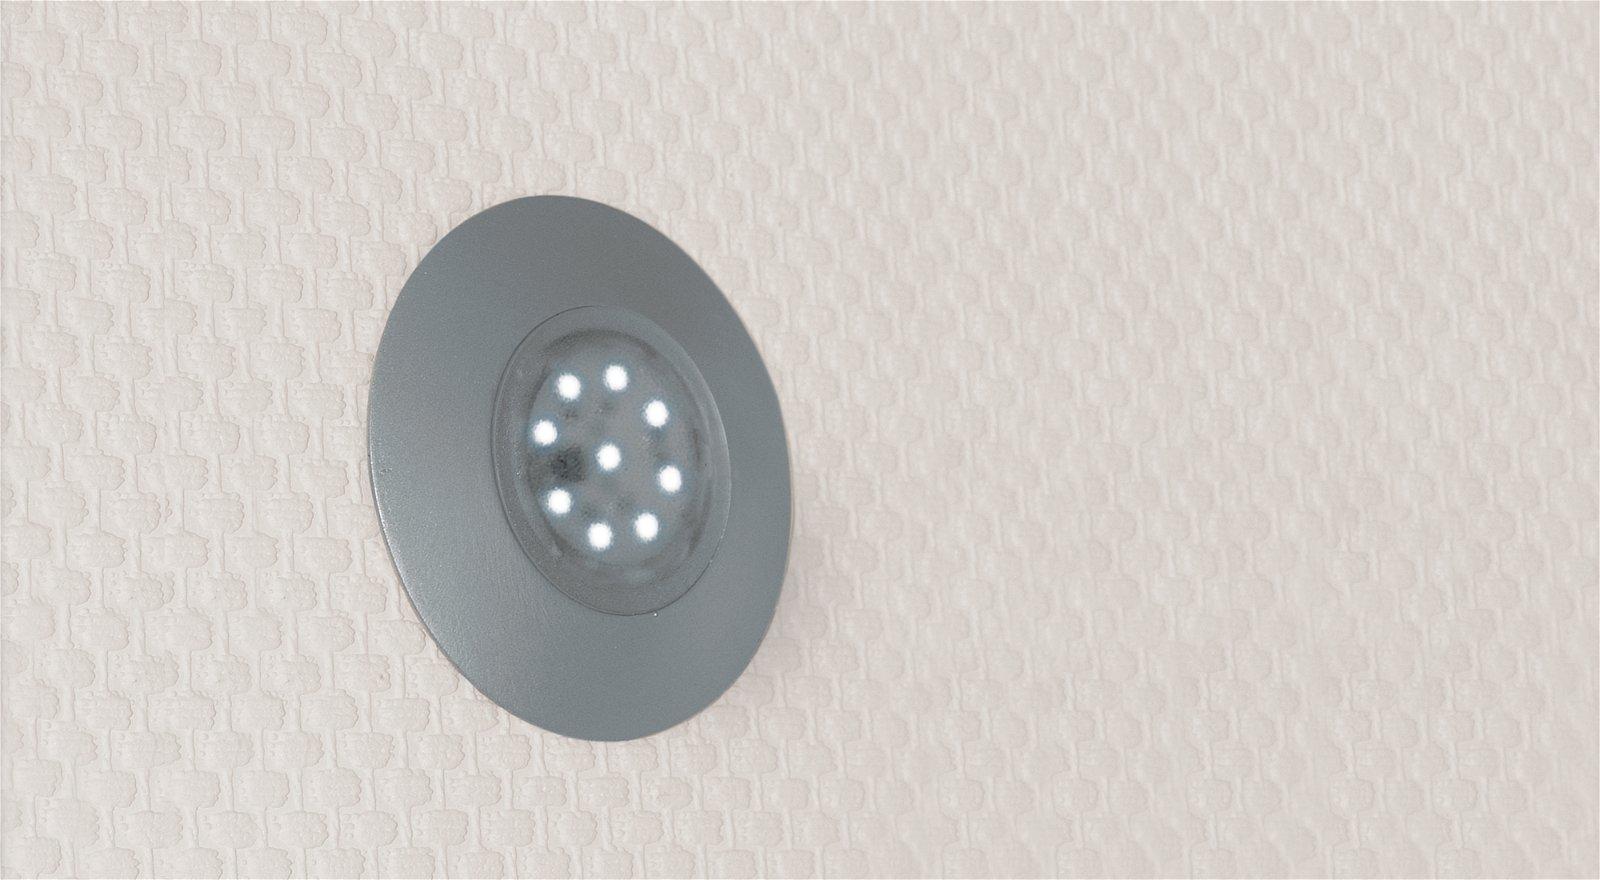 Opbouwring voor Special Line UpDownlight LED Chroom mat, Ø 80 mm